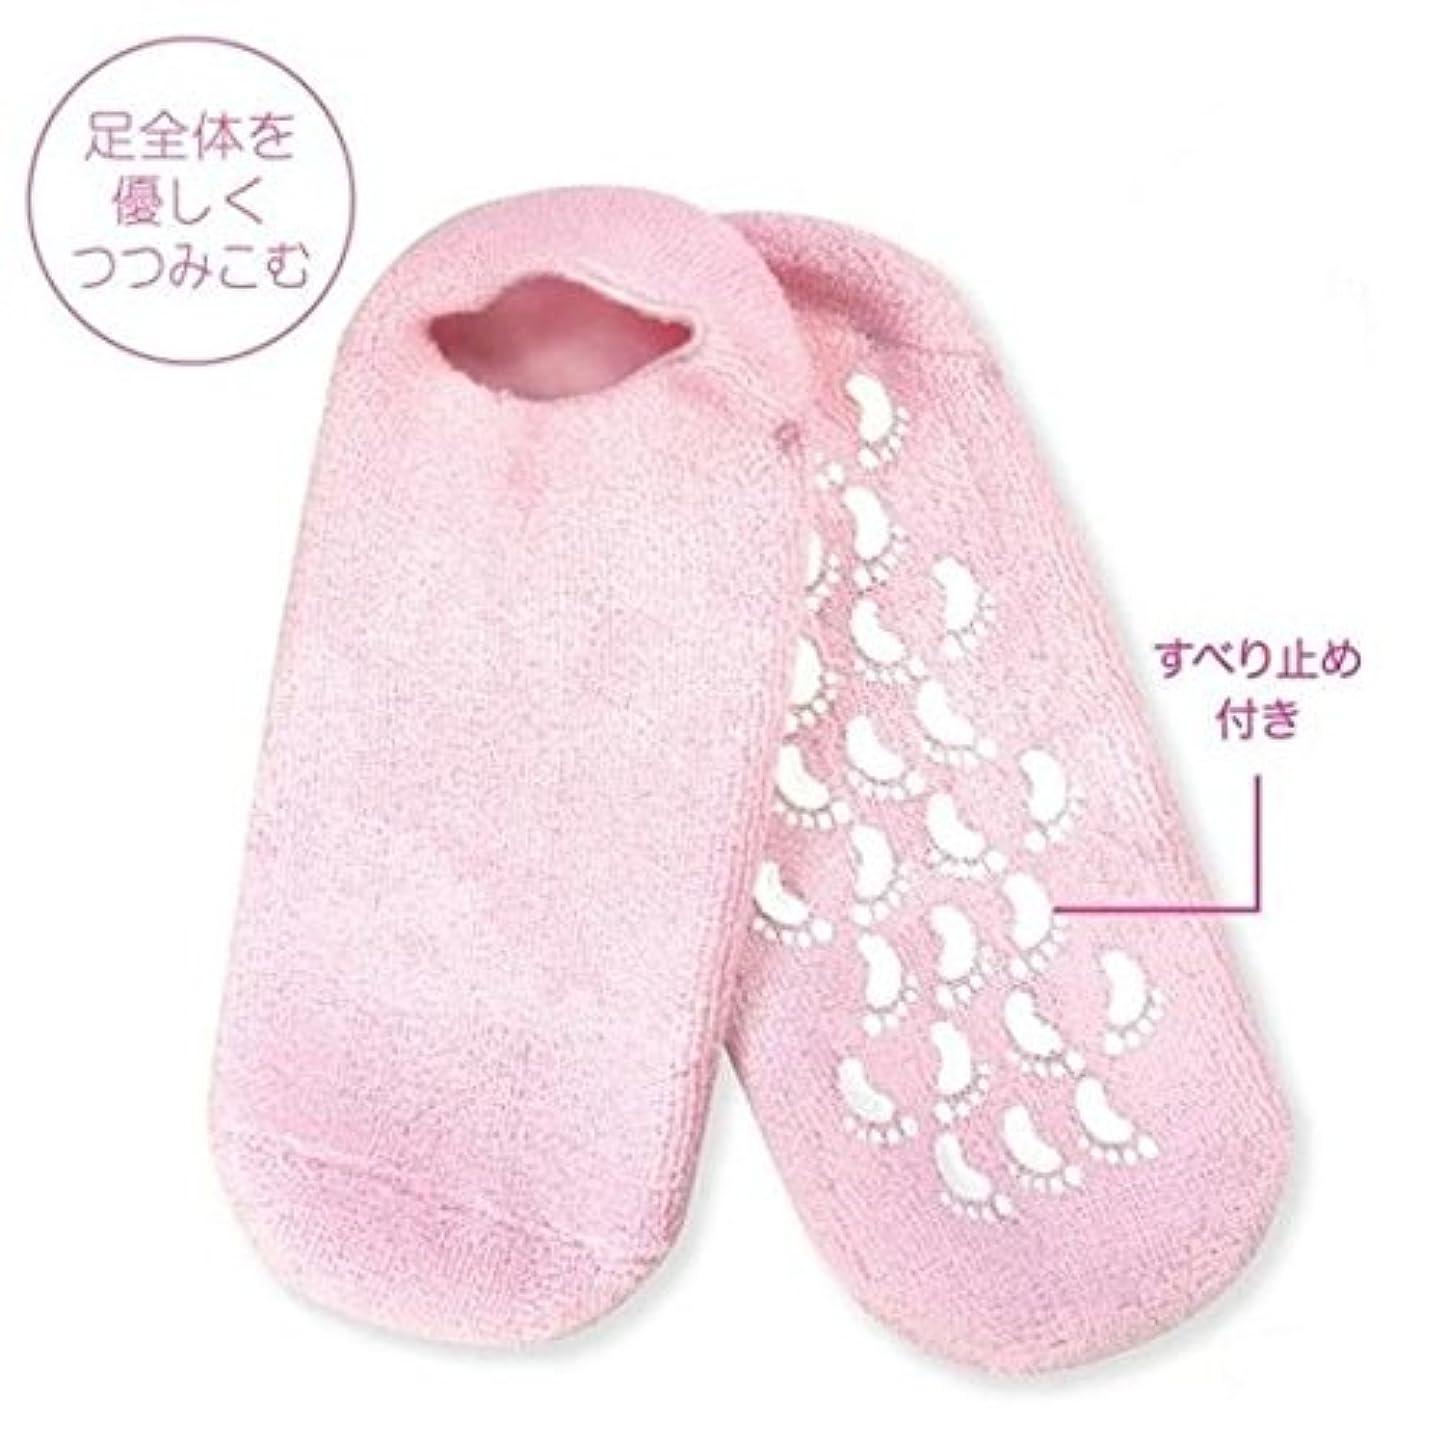 昼間まだノベルティぷるぷるジェルソックス NC41331 フットケア 靴下  寝ている間にガサガサ肌にうるおい かかとのひび割れに かかとケア